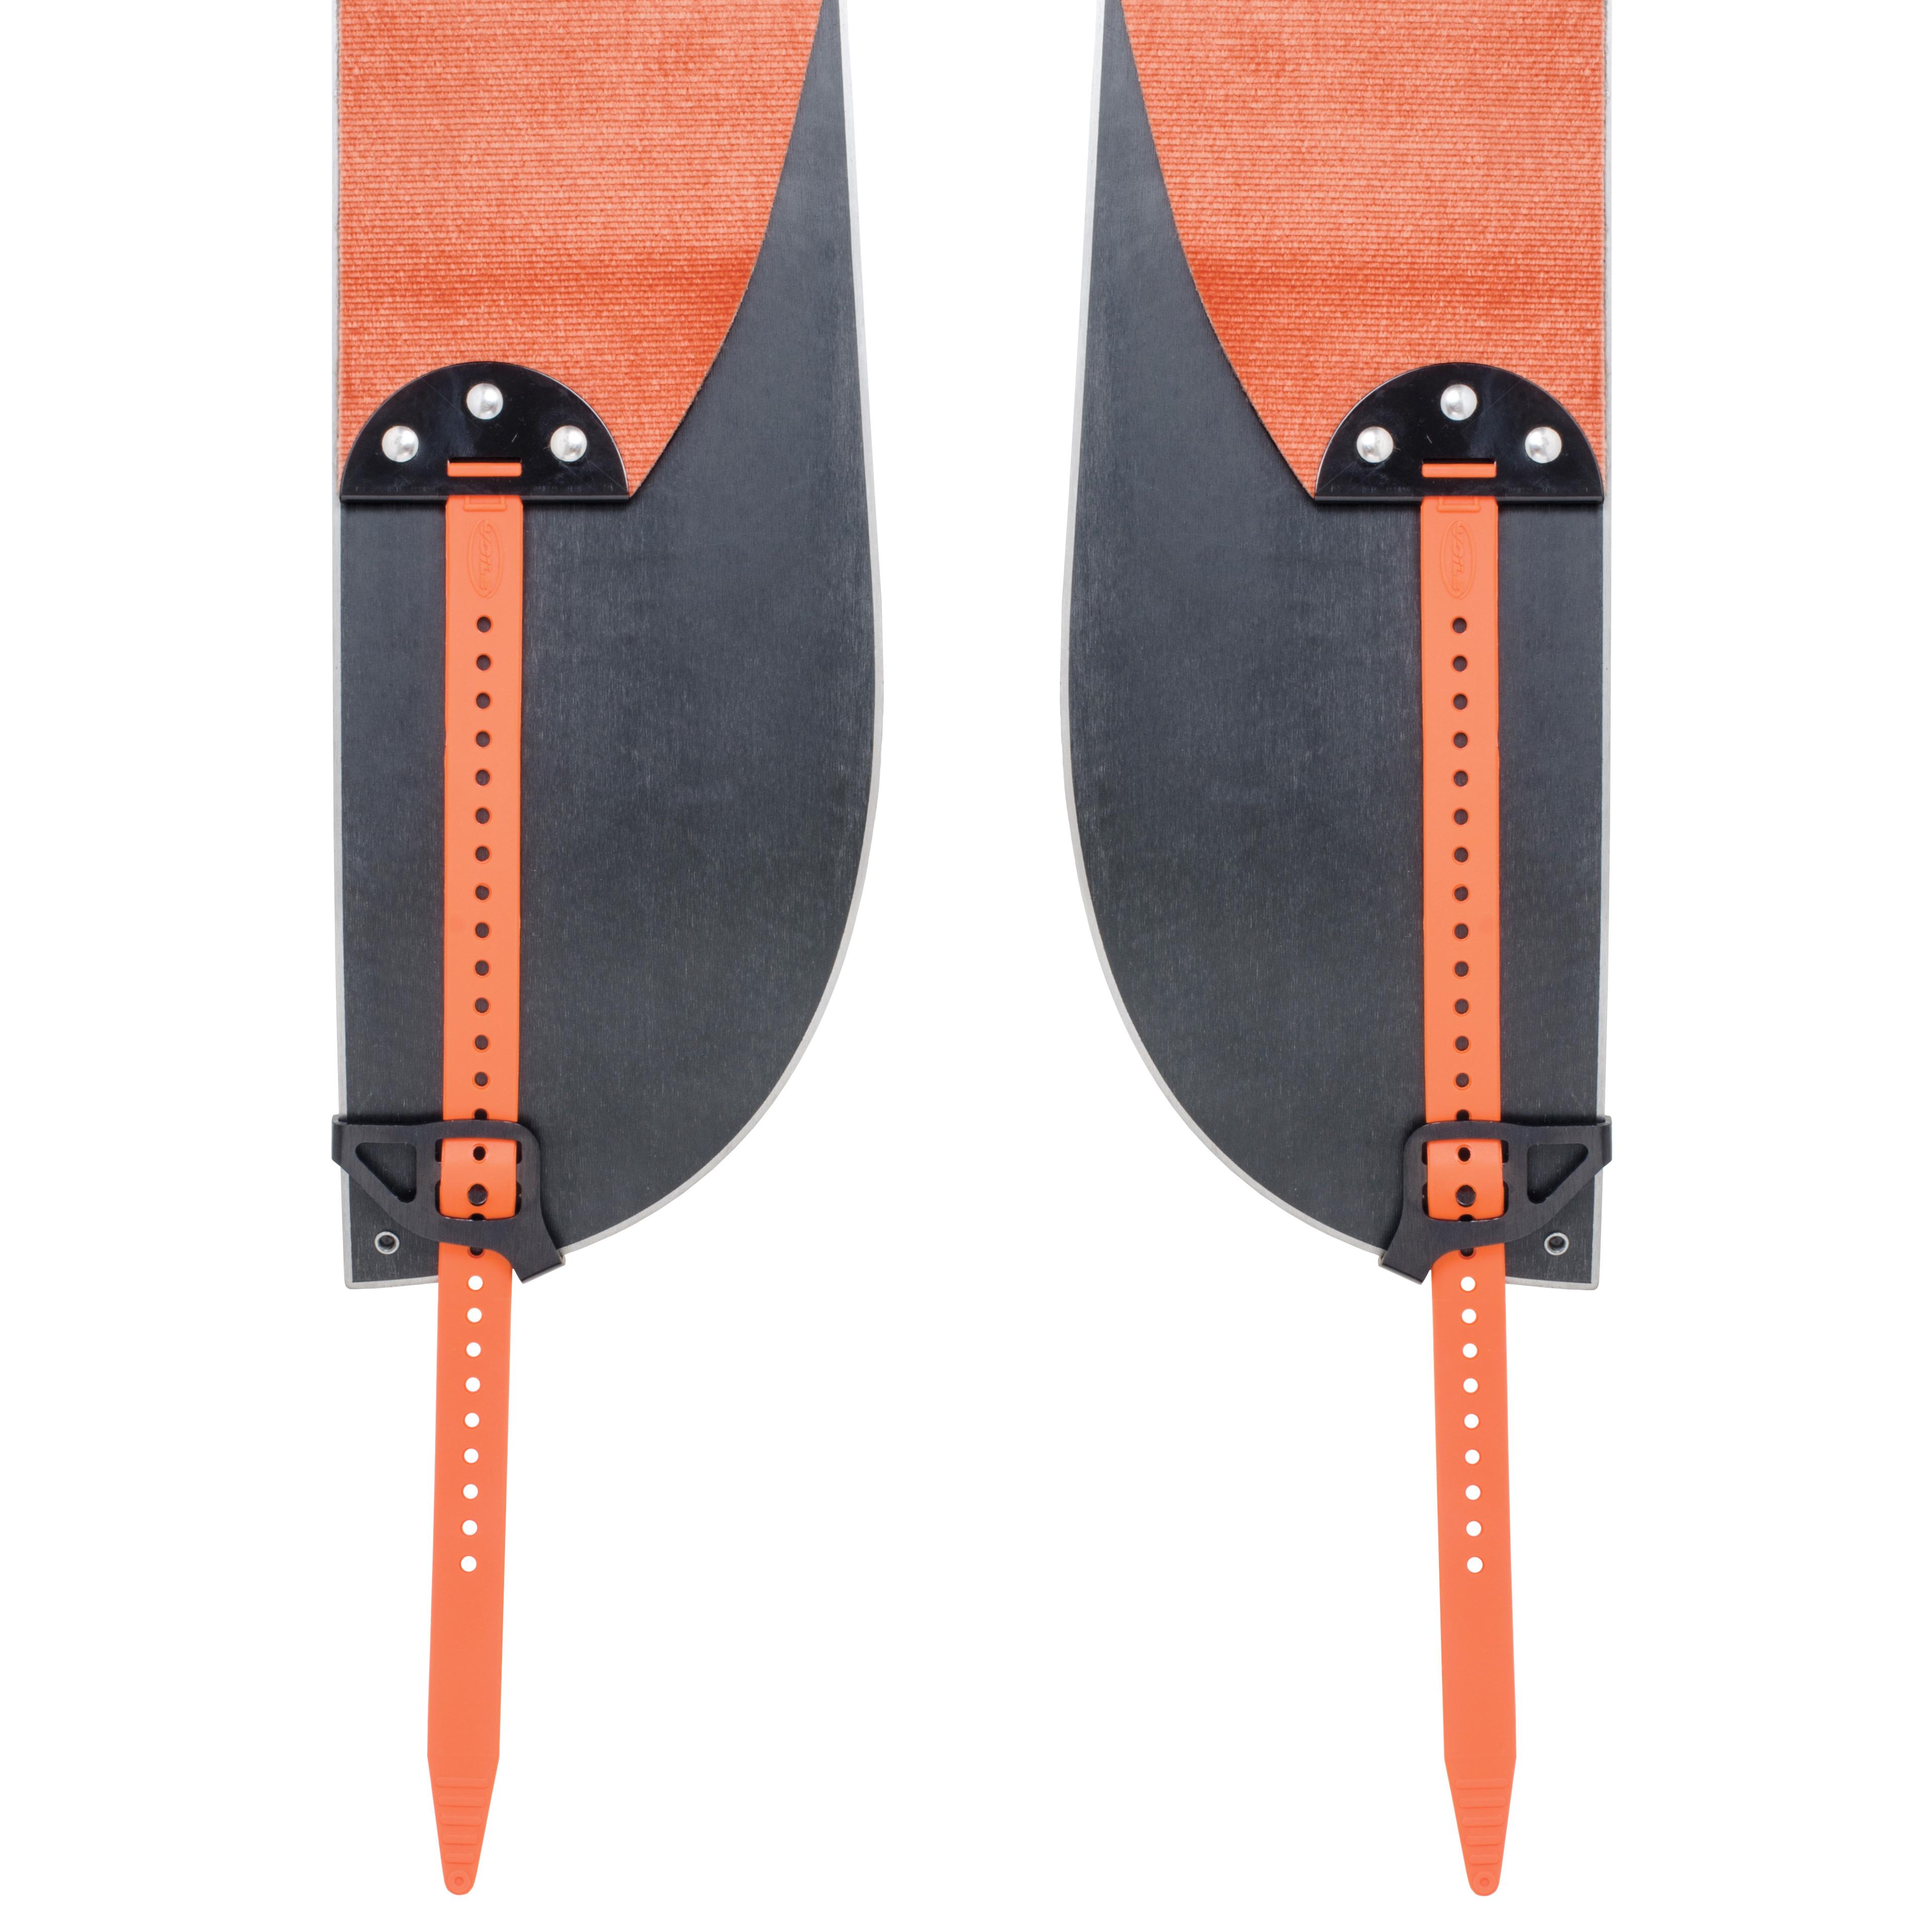 Voile Splitboard Skins Tail Clip Kit: Voile